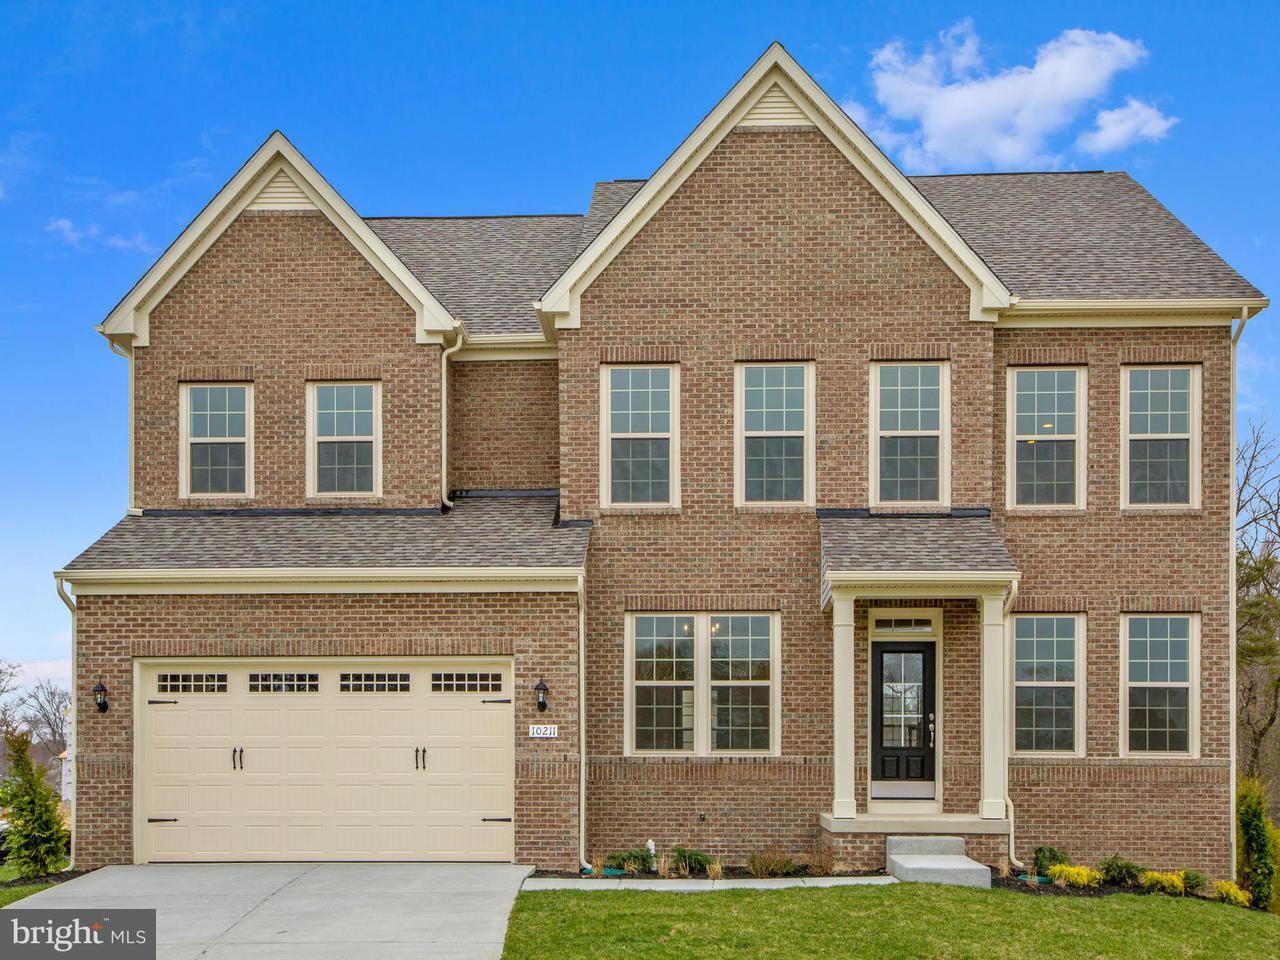 一戸建て のために 売買 アット 10211 Galaxy View Lane 10211 Galaxy View Lane Lanham, メリーランド 20706 アメリカ合衆国